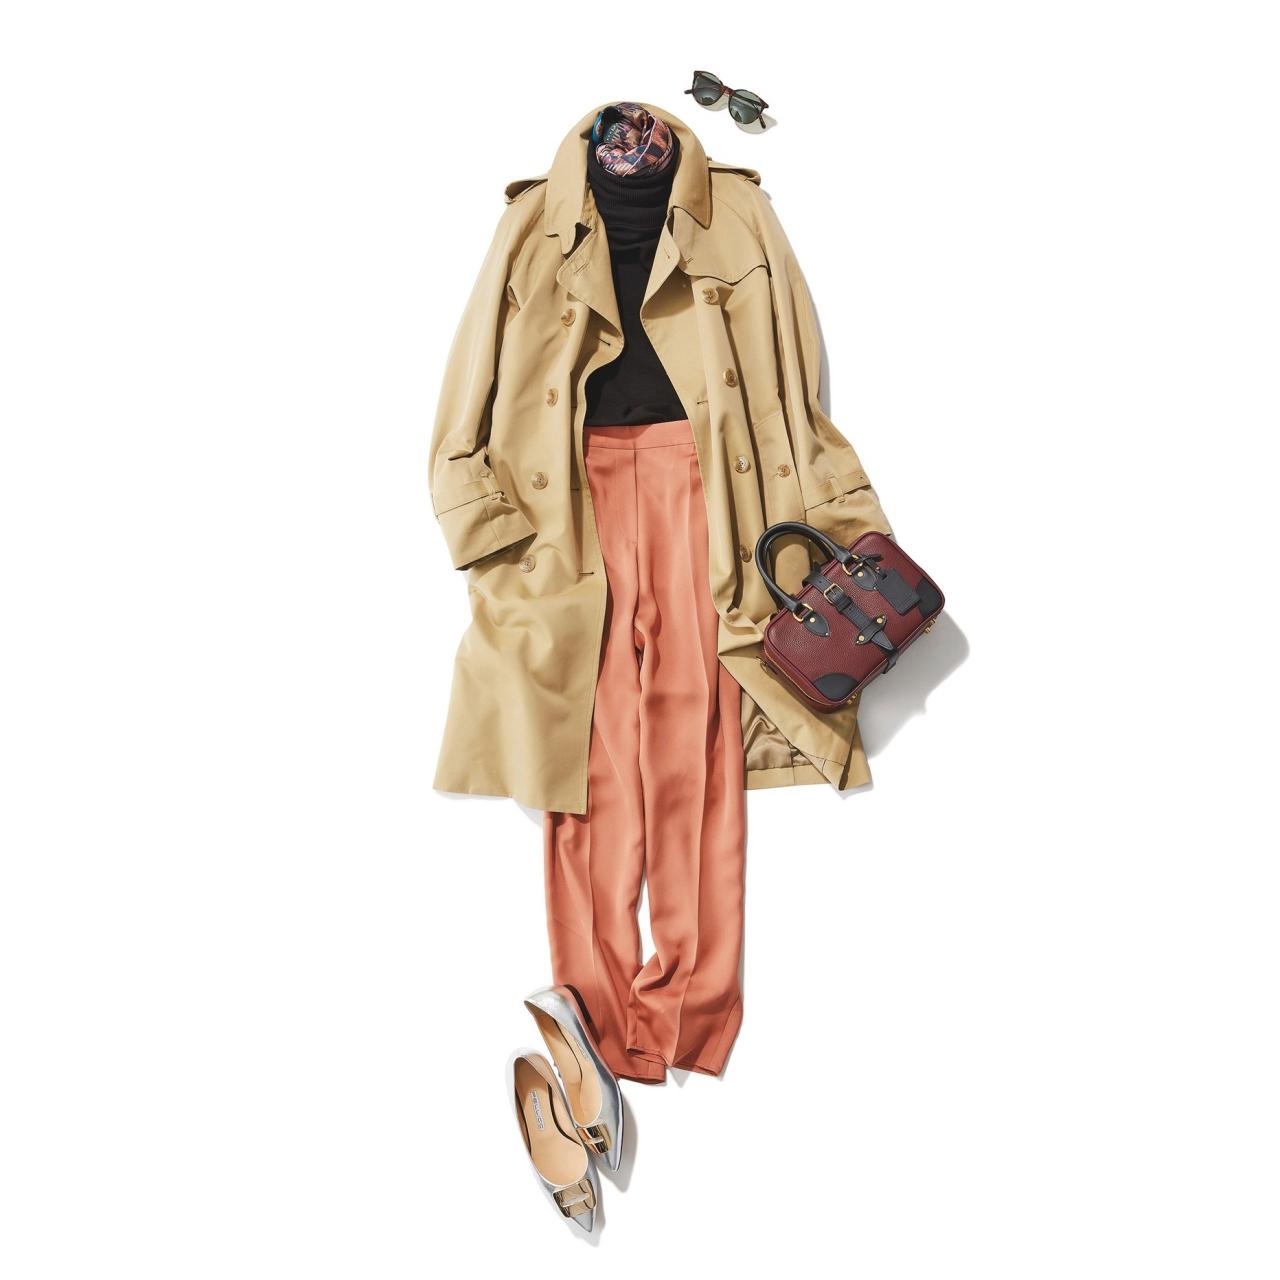 サーモンピンクパンツ×黒タートル&辛口小物のファッションコーデ